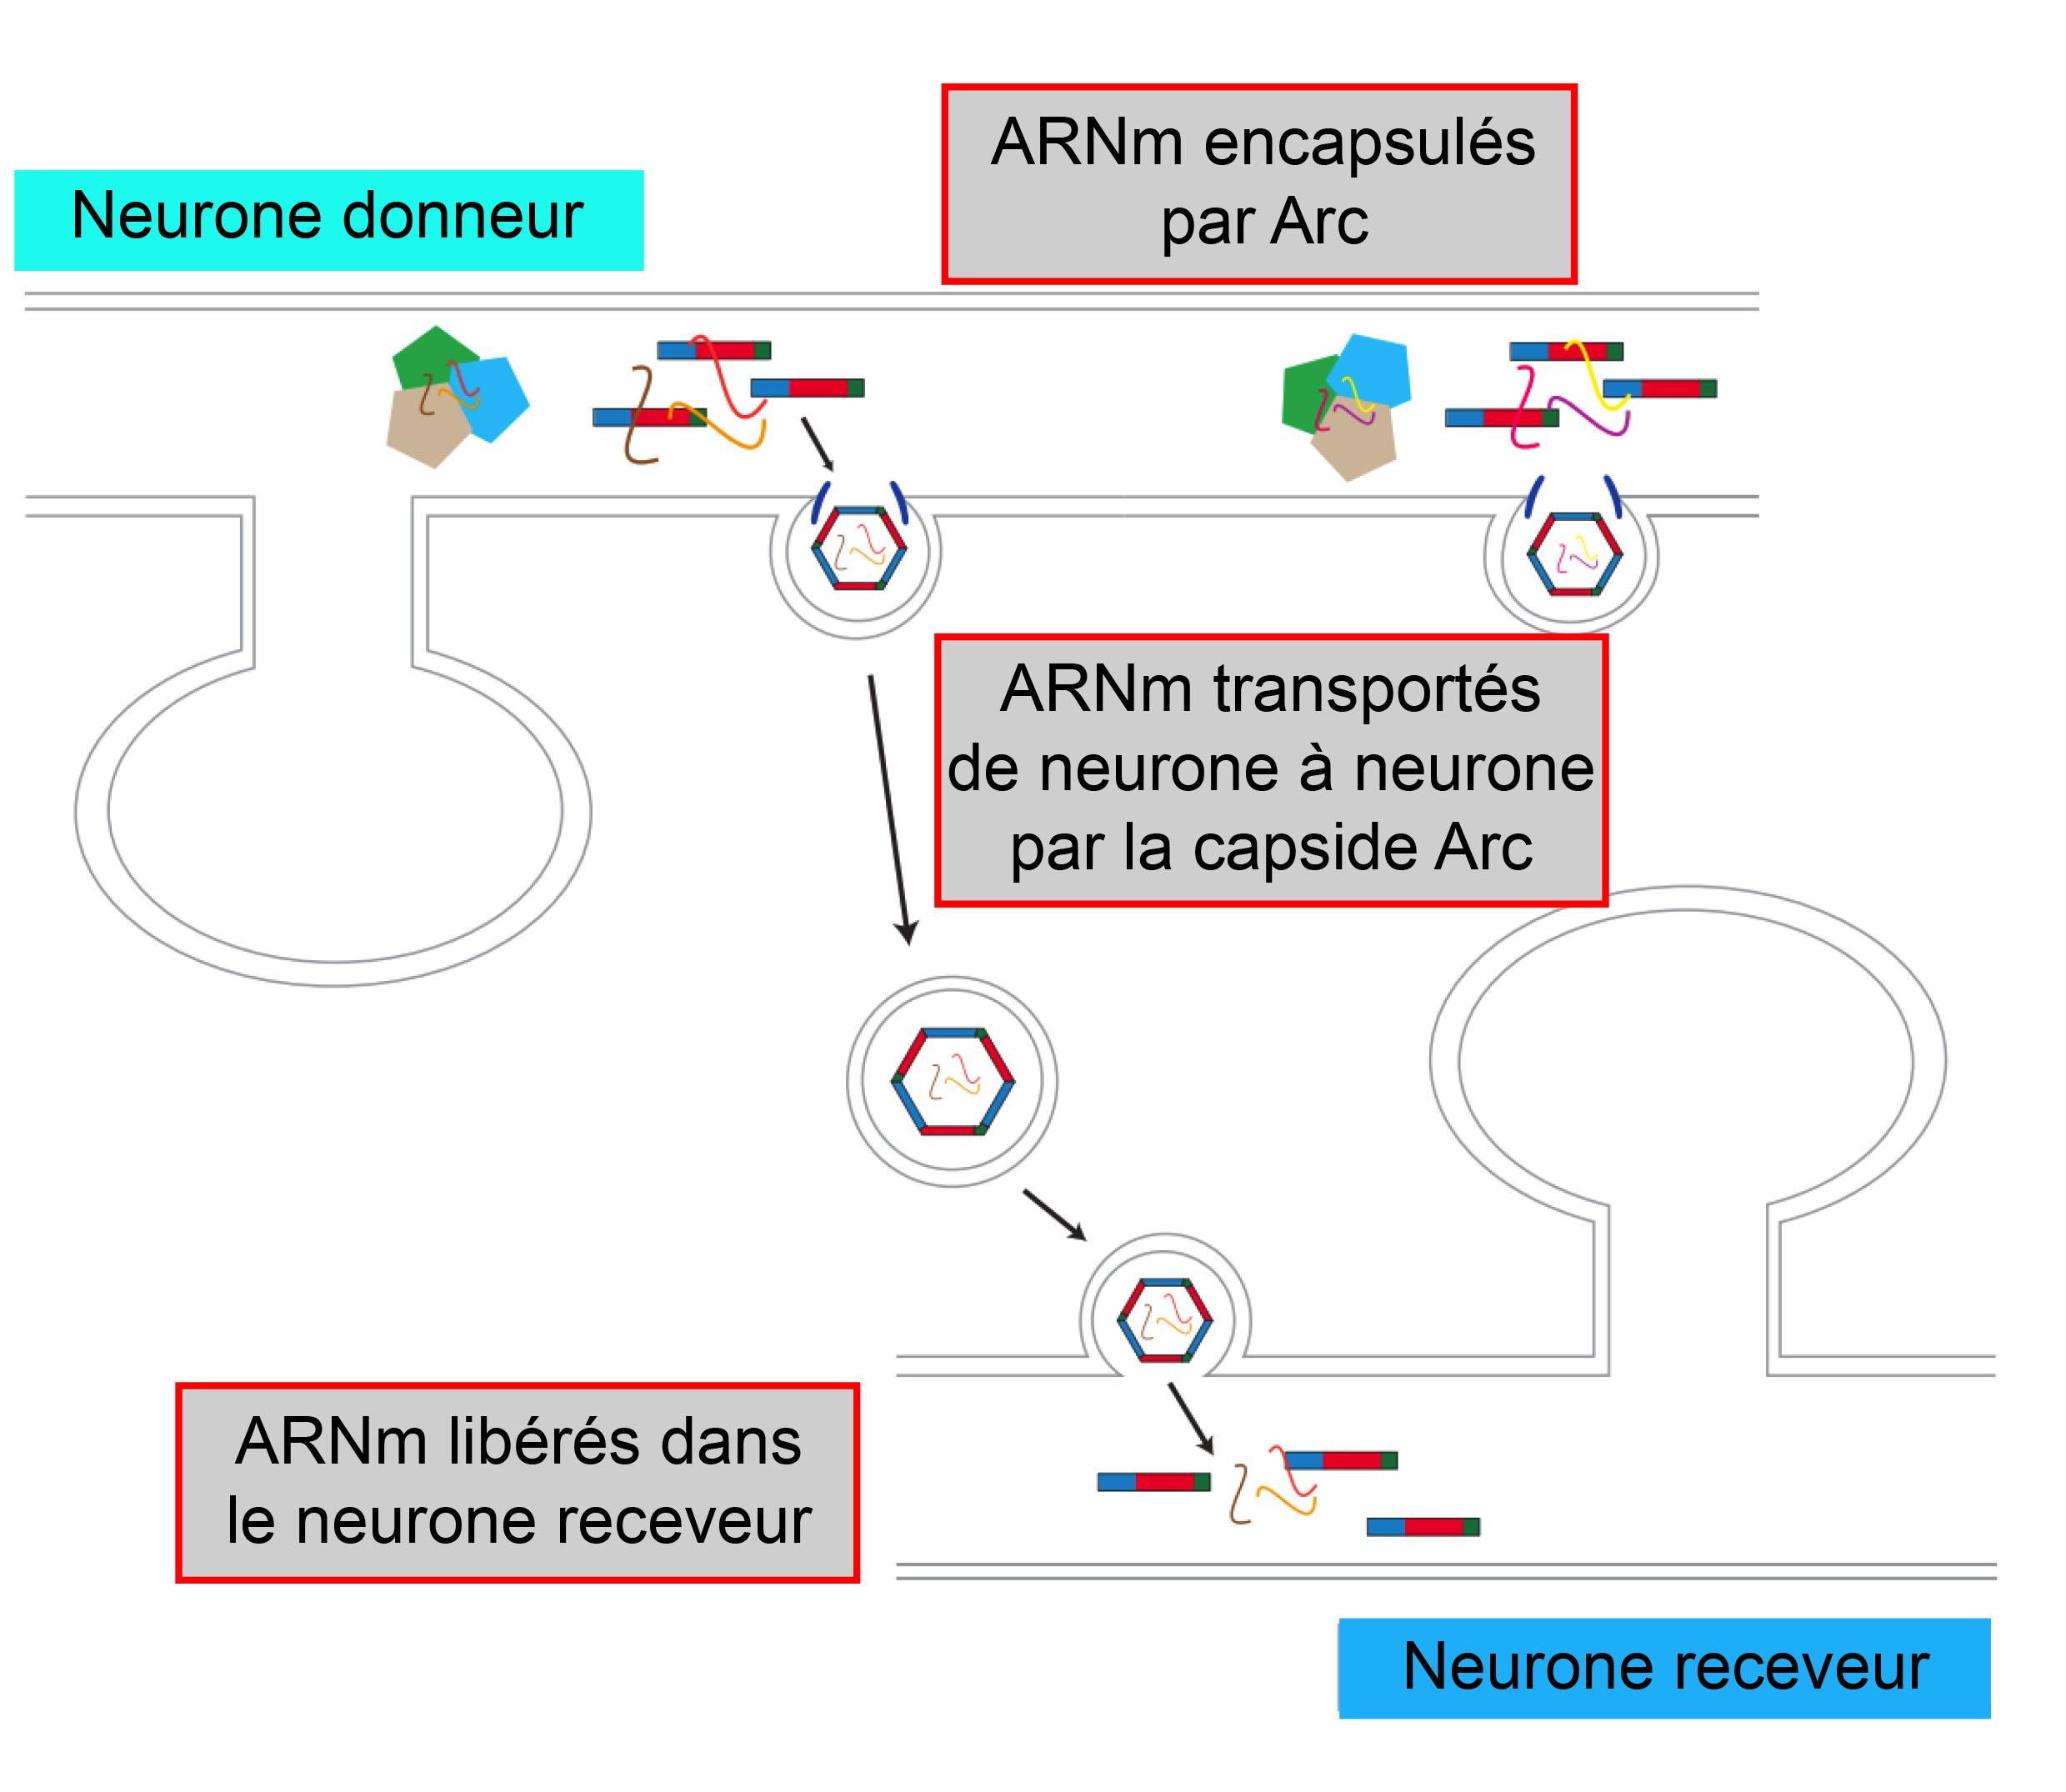 """1/ Dans le neurone donneur, les protéines Arc s'auto-assemblent et encapsulent l'ARN messager (ARNm) de Arc. 2. Les capsides produites sont libérées dans le milieu extracellulaire via des vésicules. 3. Les capsides """" infectent """" le neurone receveur."""